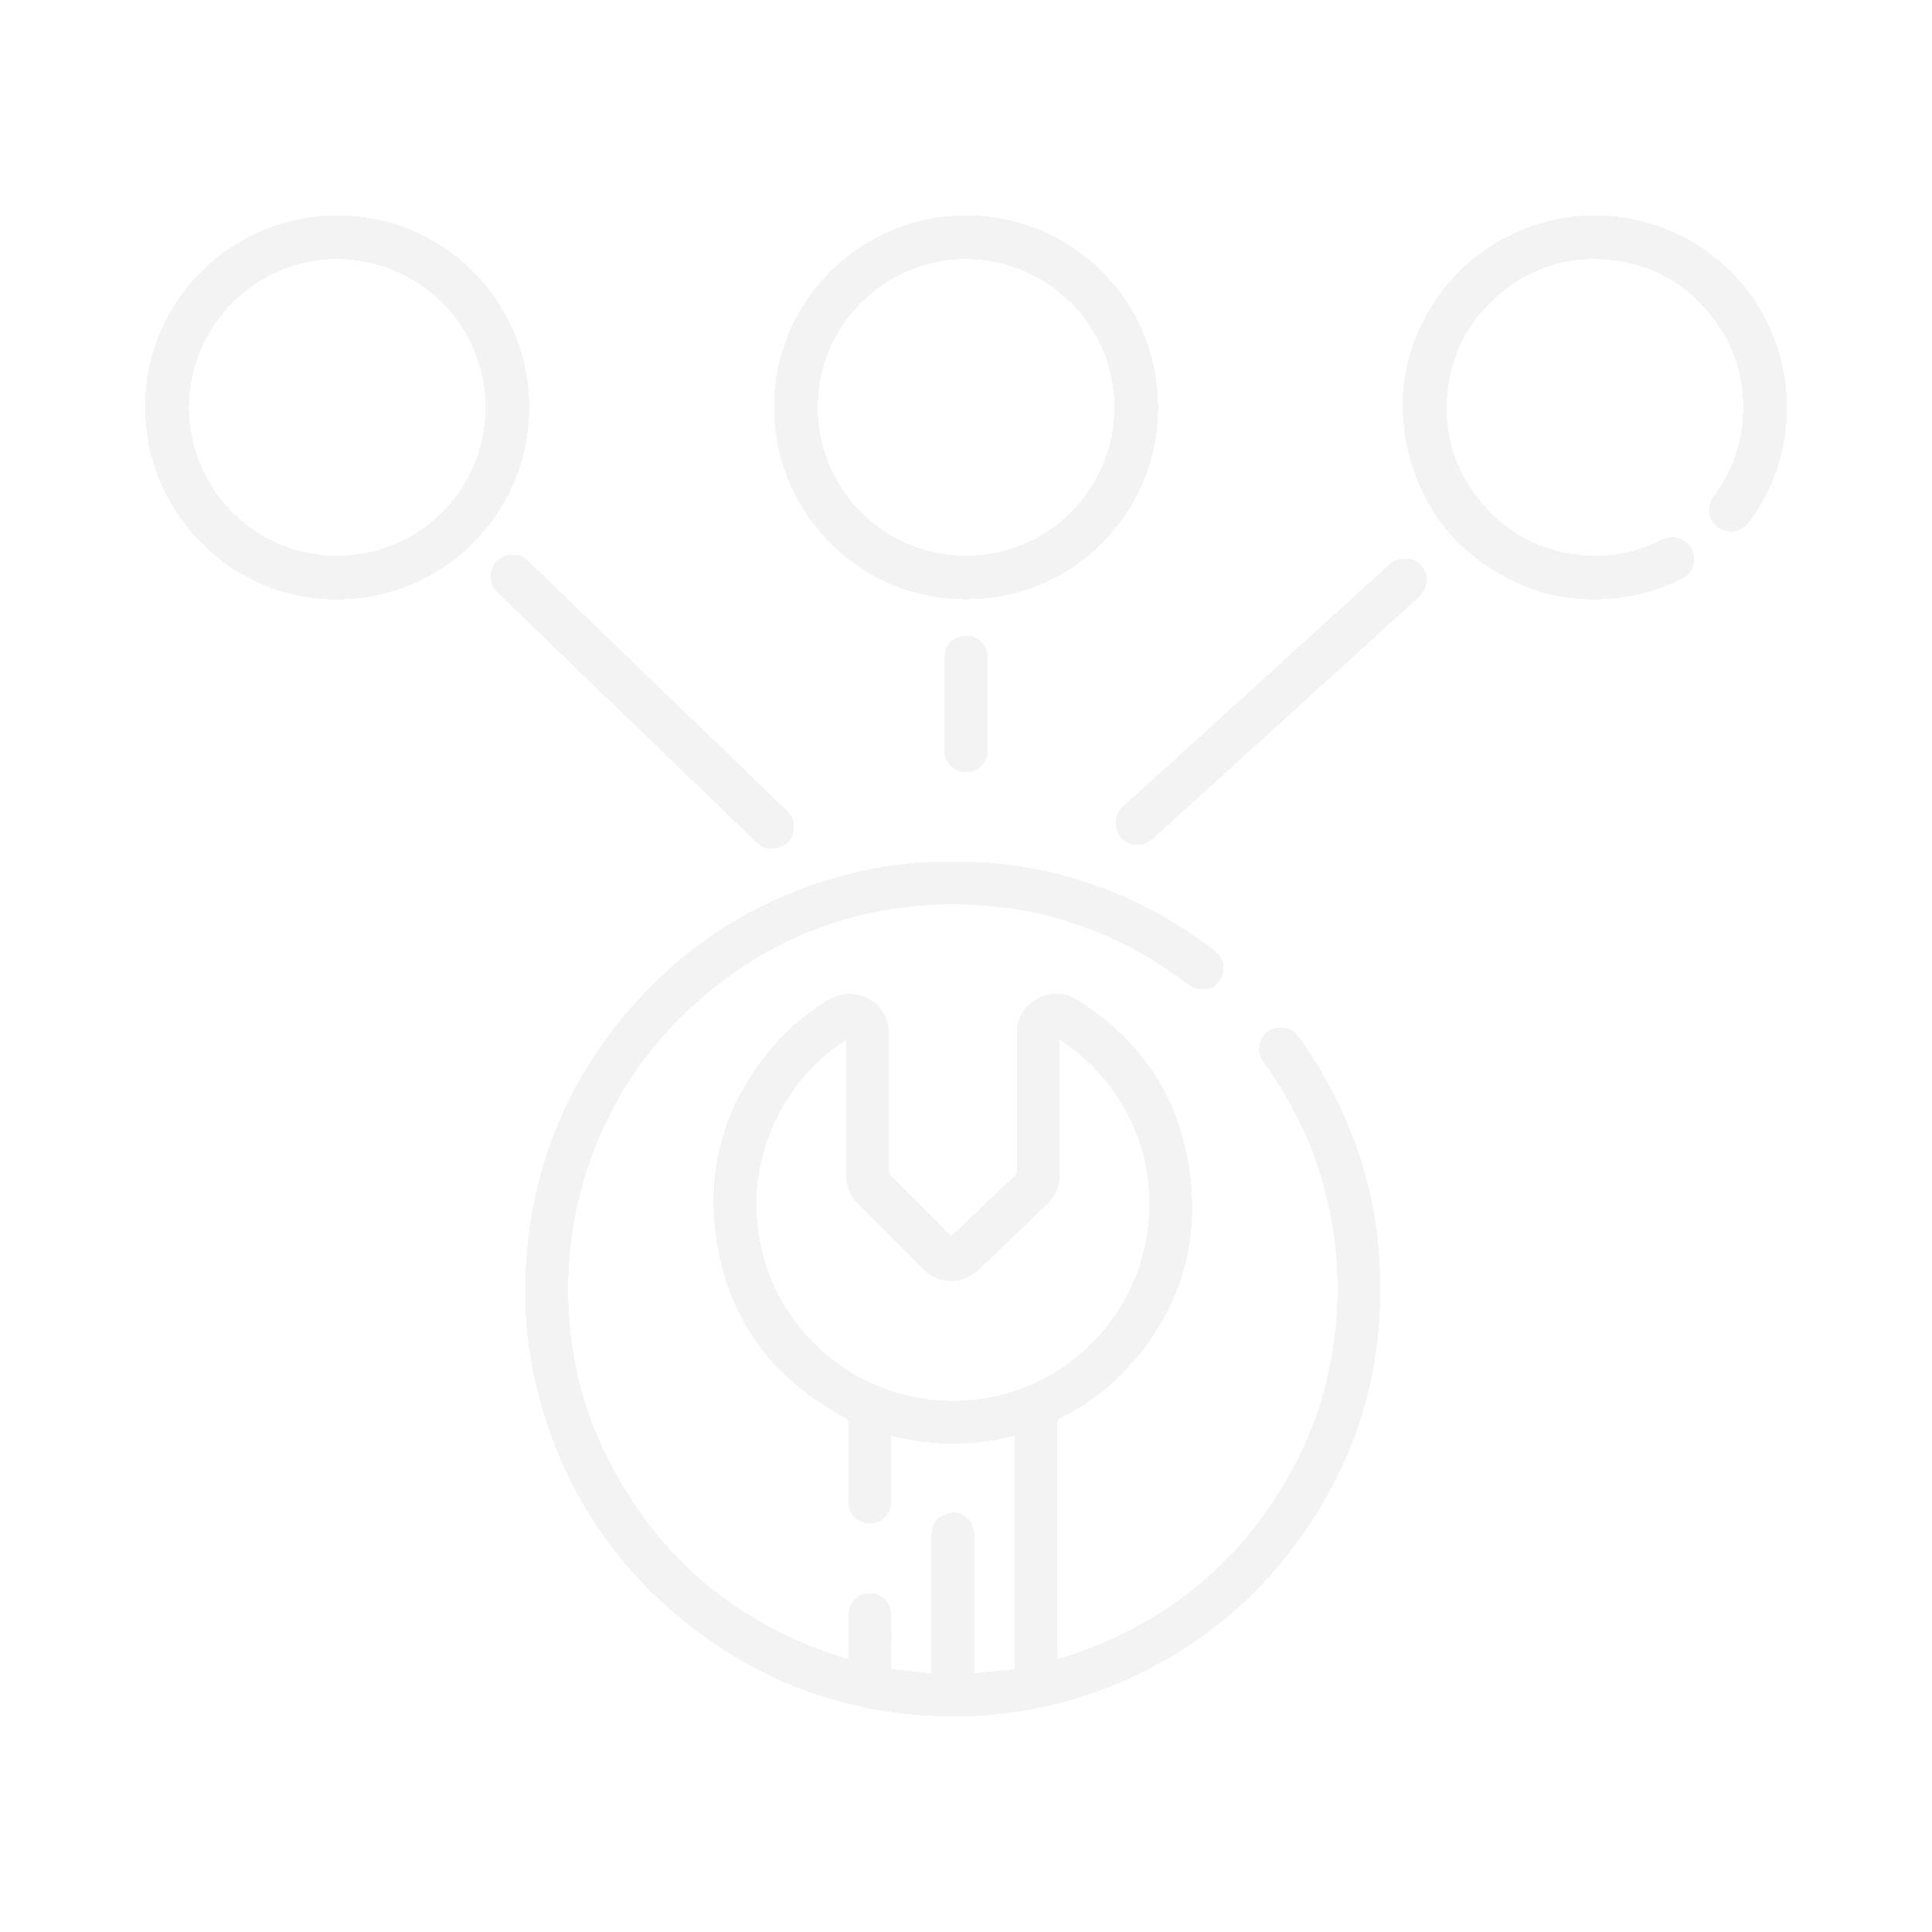 KM PLAST ikony-13